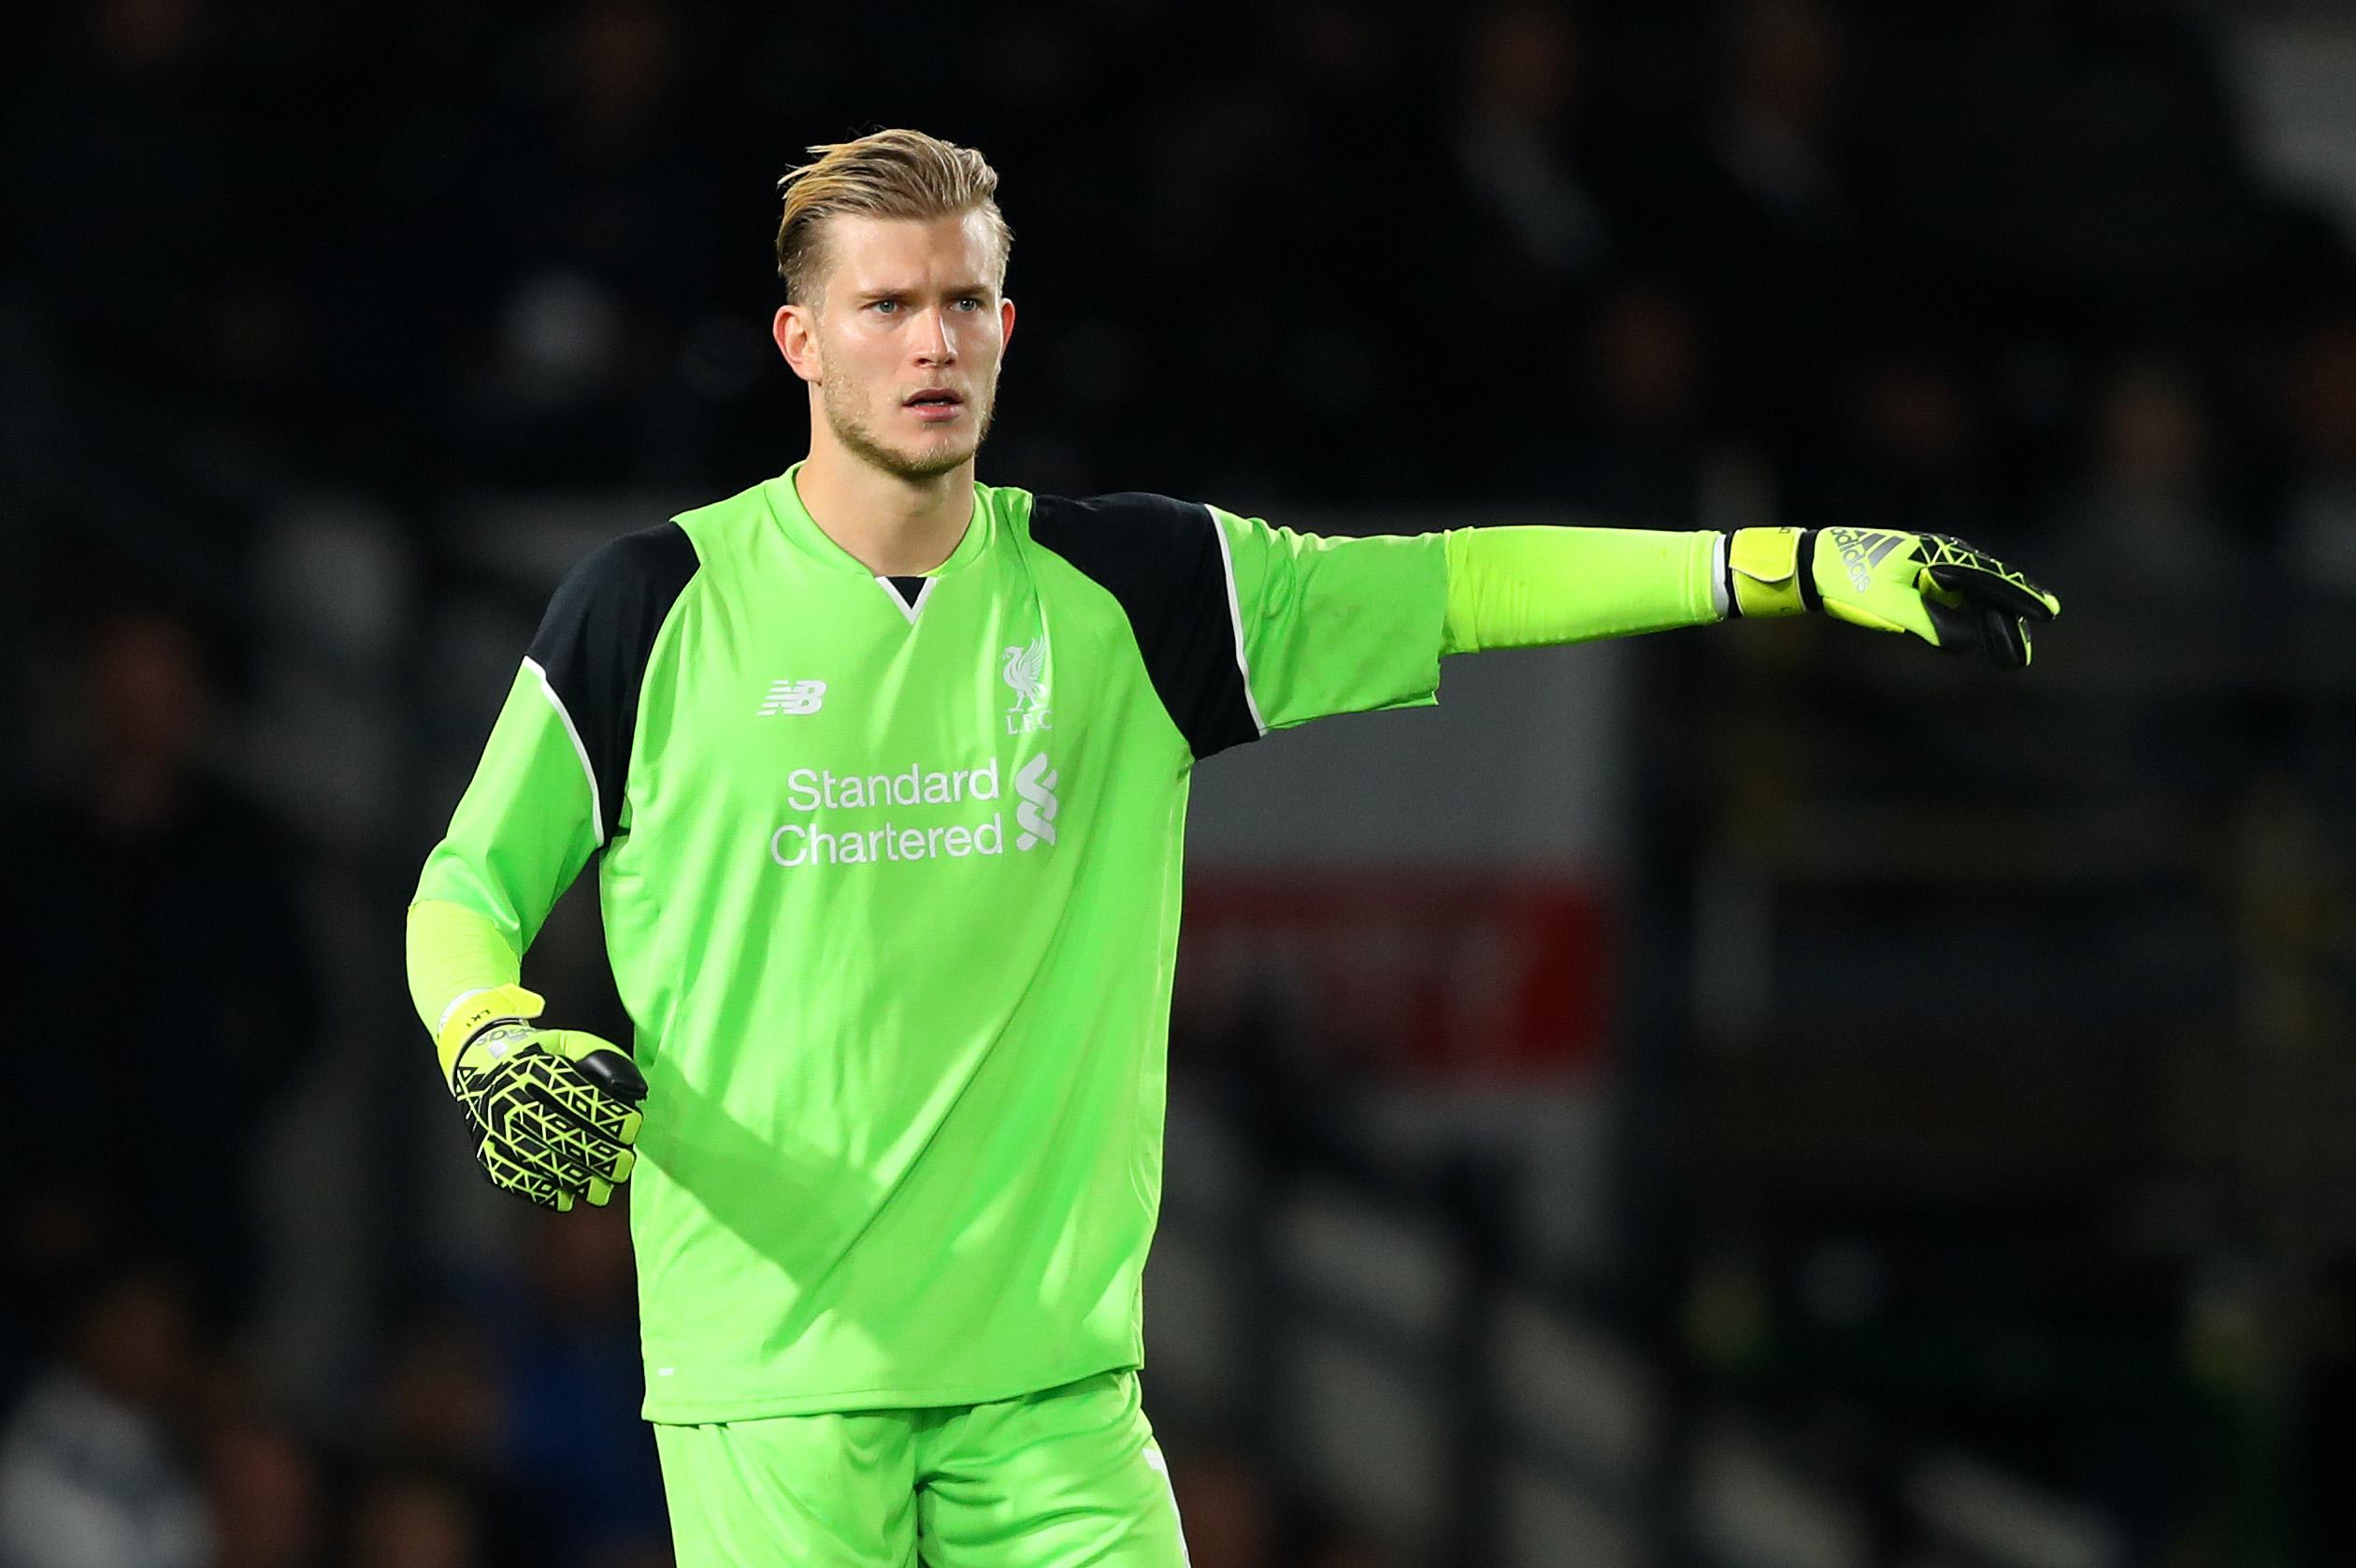 Liverpool breaking news: Karius set for start against Hull City